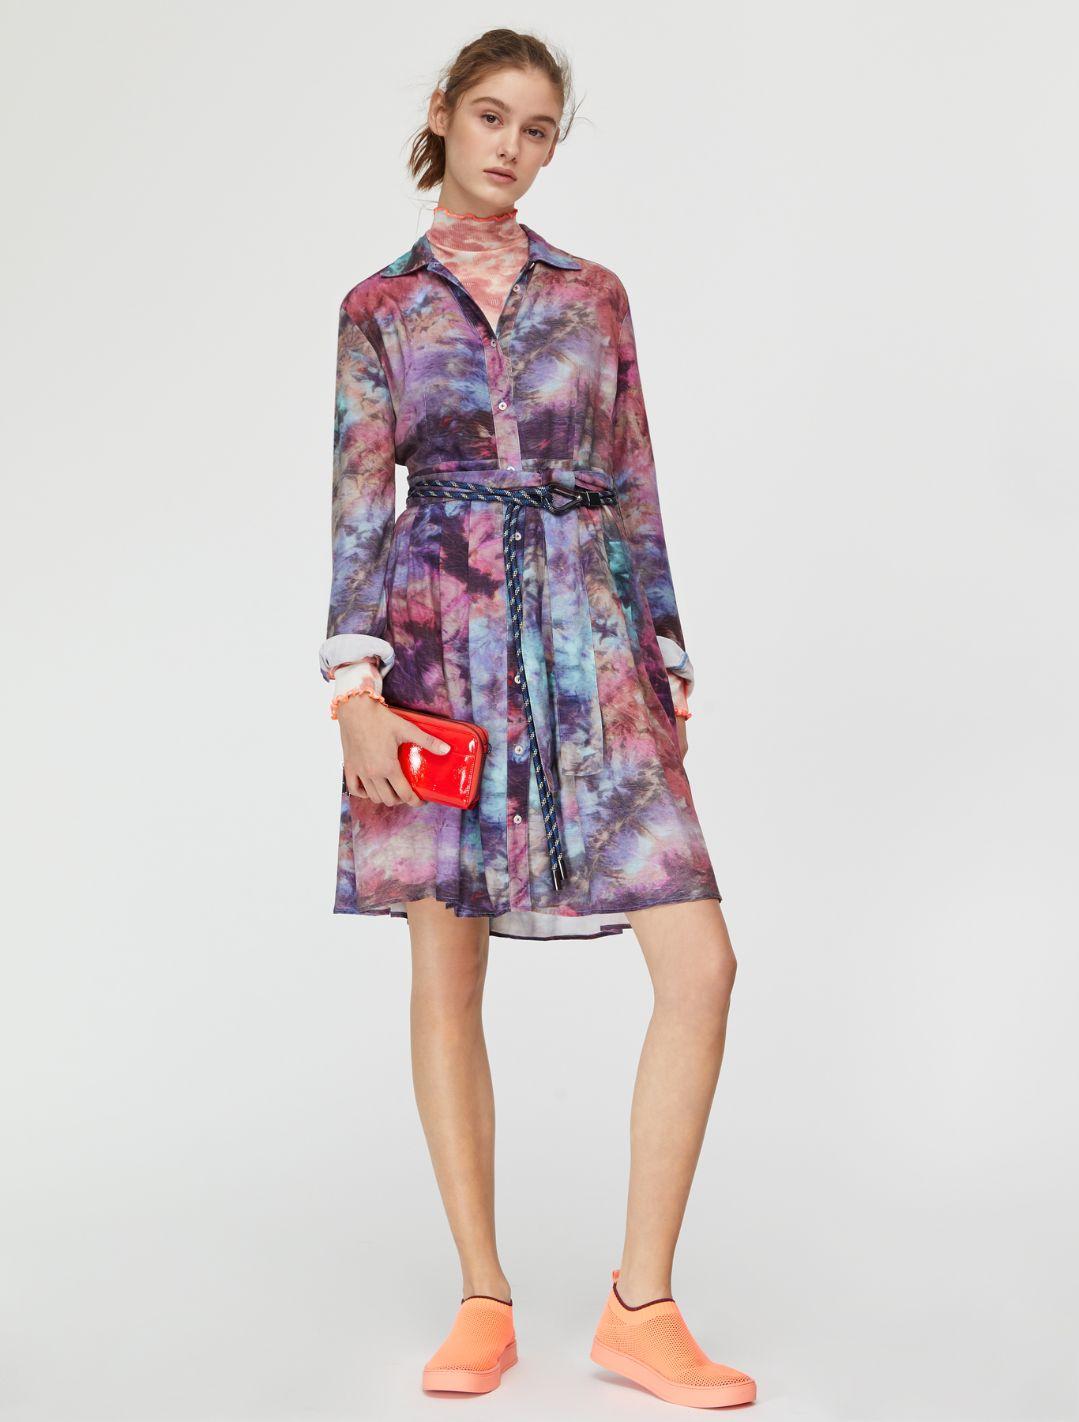 DANTESCO Dress 4